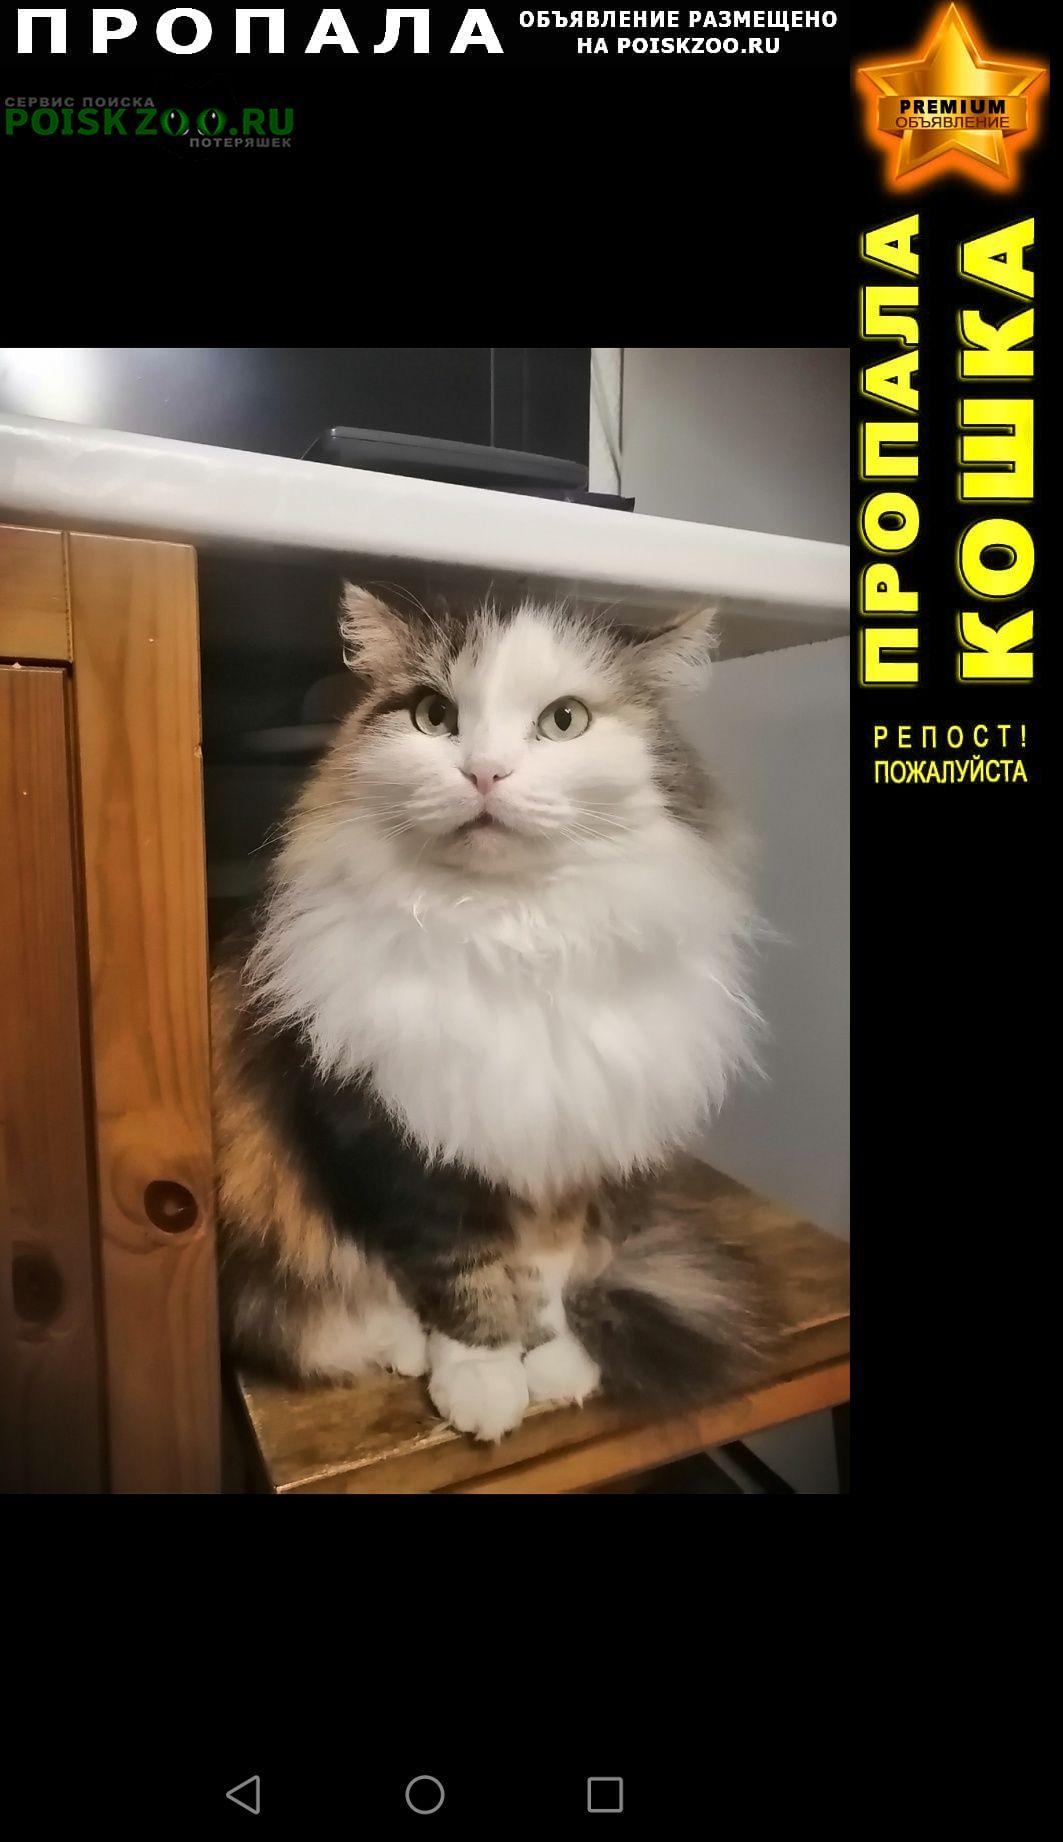 Новосибирск Пропала кошка трехцветная